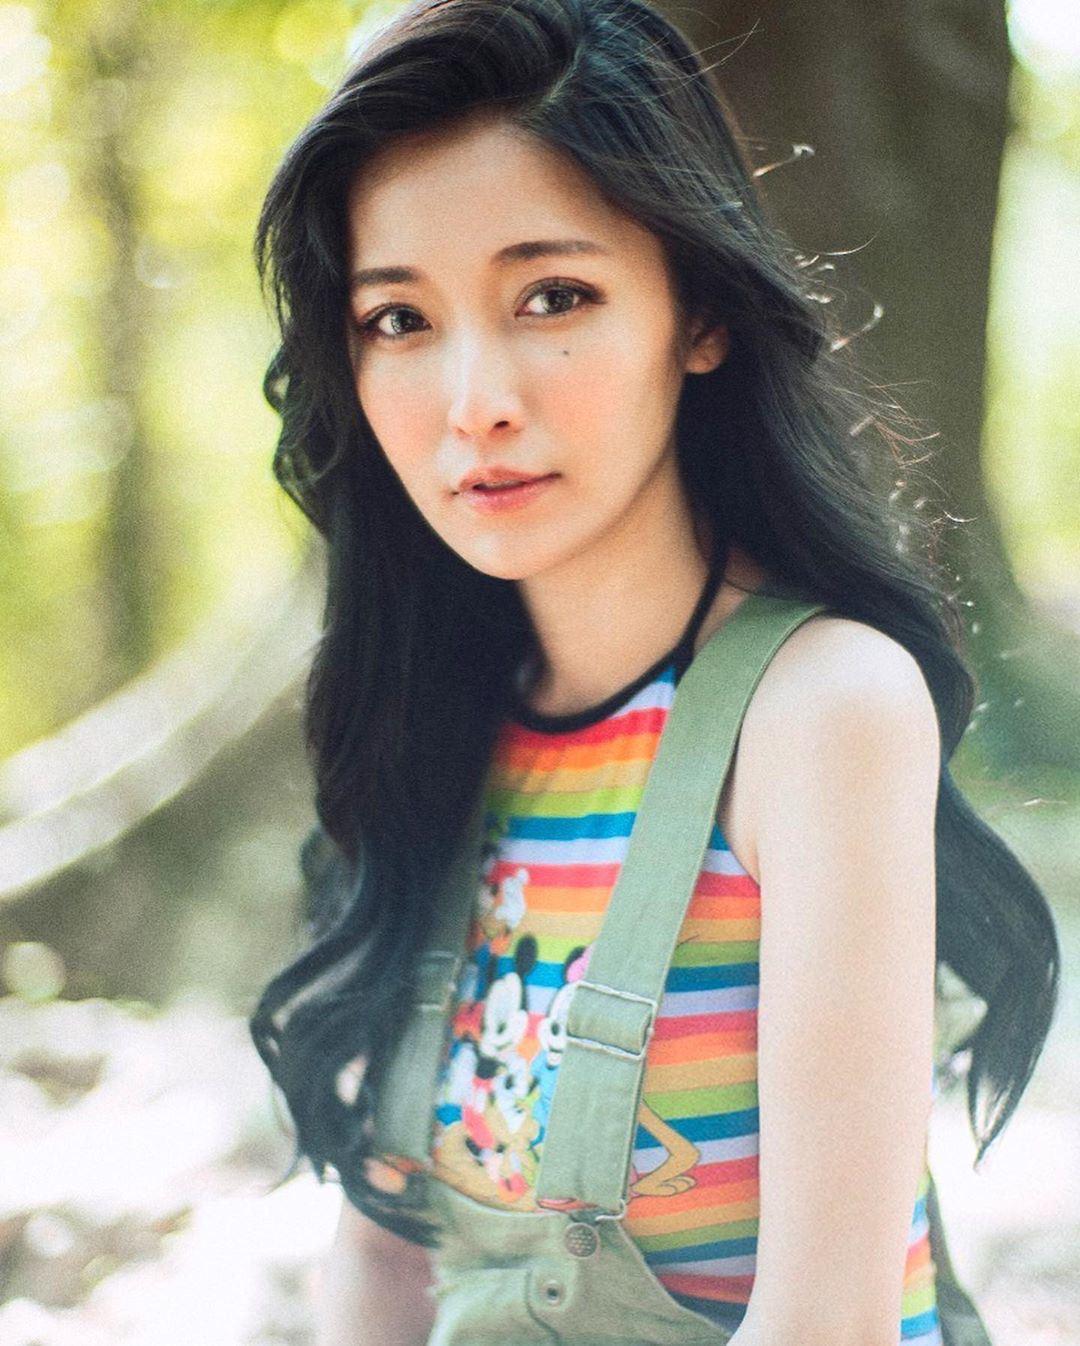 香港美艳人妻张紫语,44秒不雅视频流出